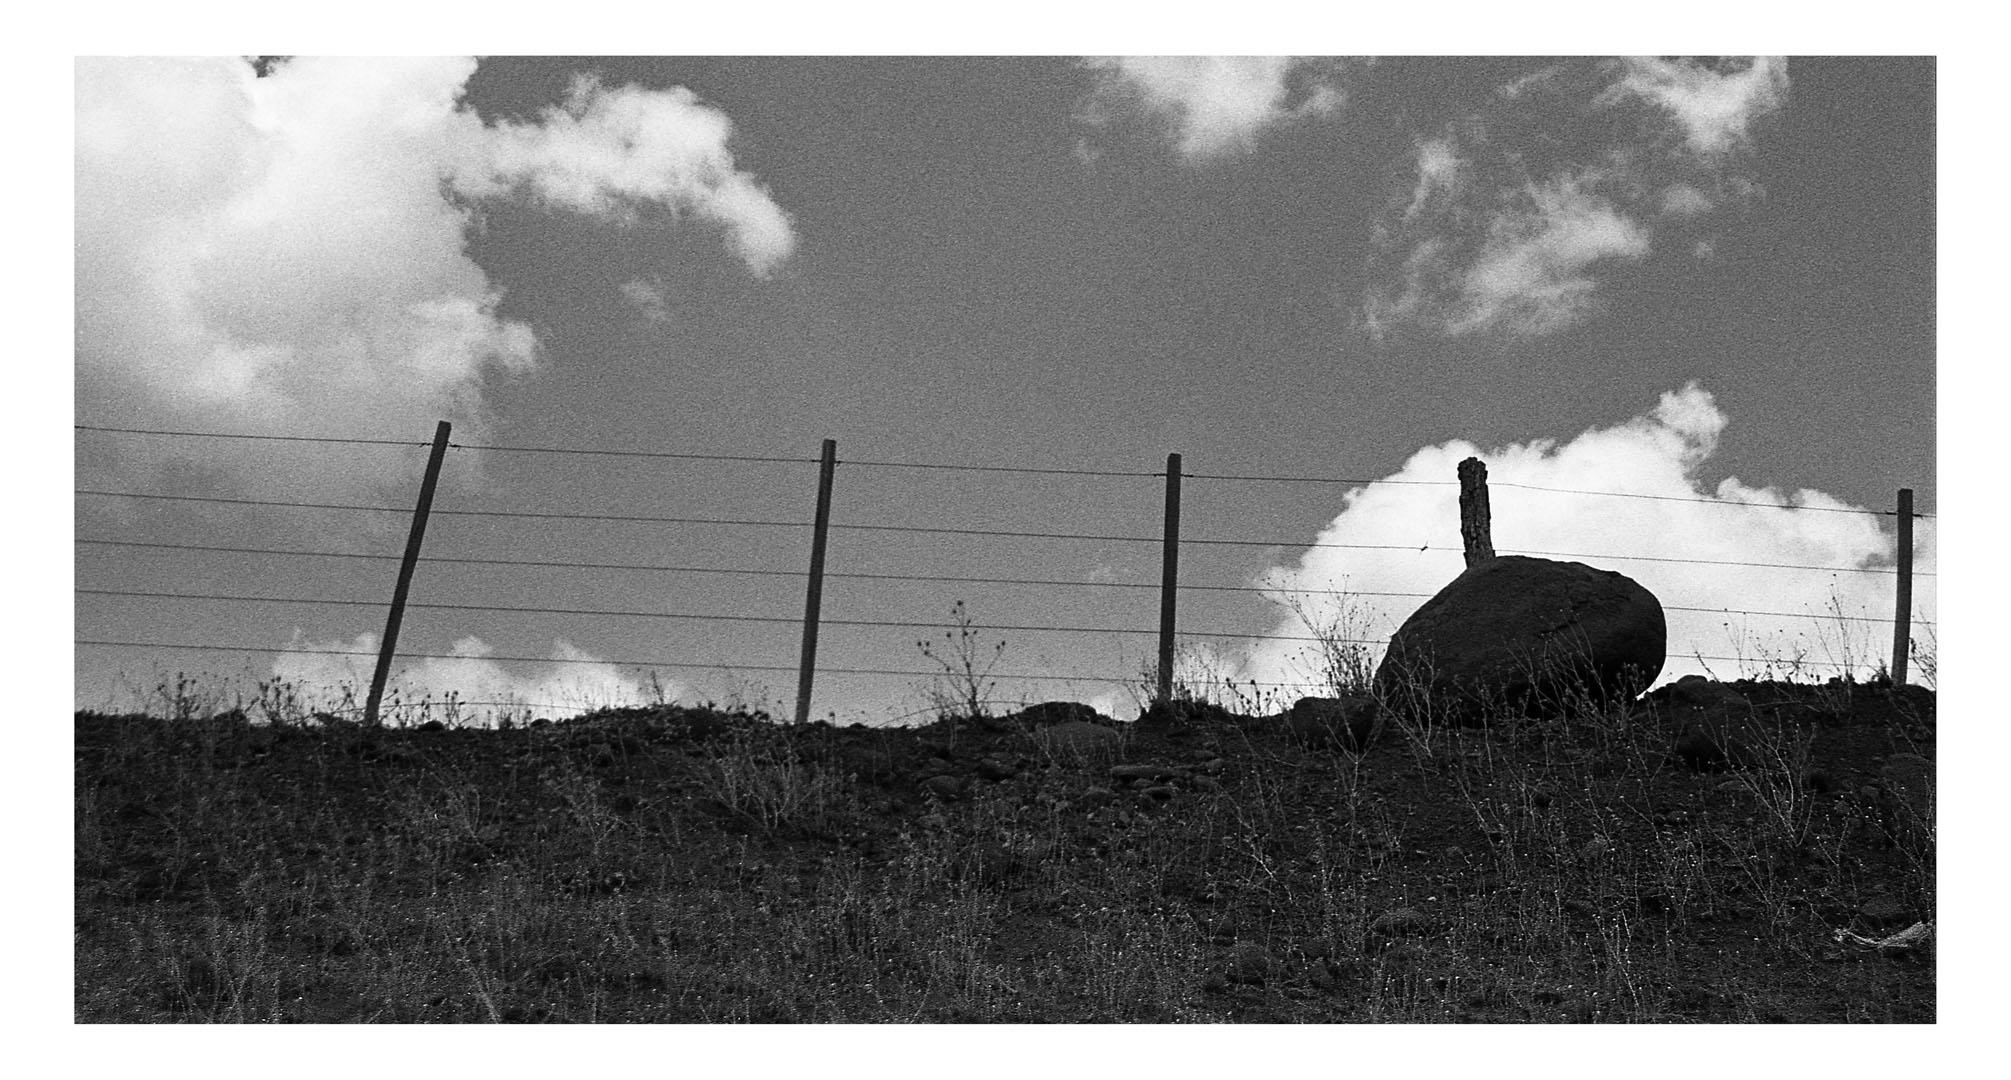 004 - Horizontes inciertos